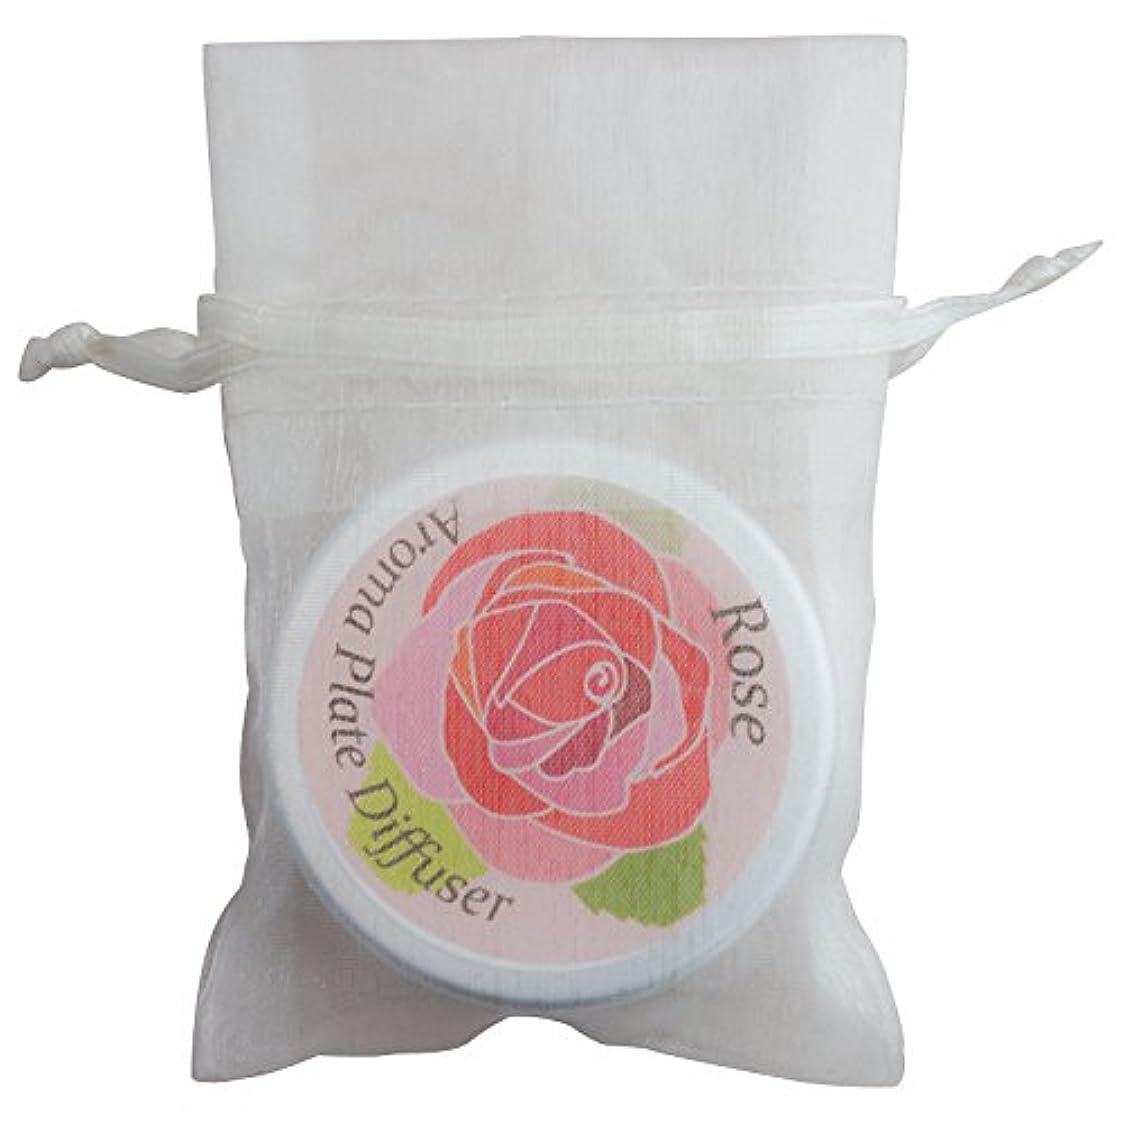 渦借りる七面鳥アロマラボ 伊万里製 アロマプレート(ローズデザイン) アルミ缶入 オーガンジー袋つき